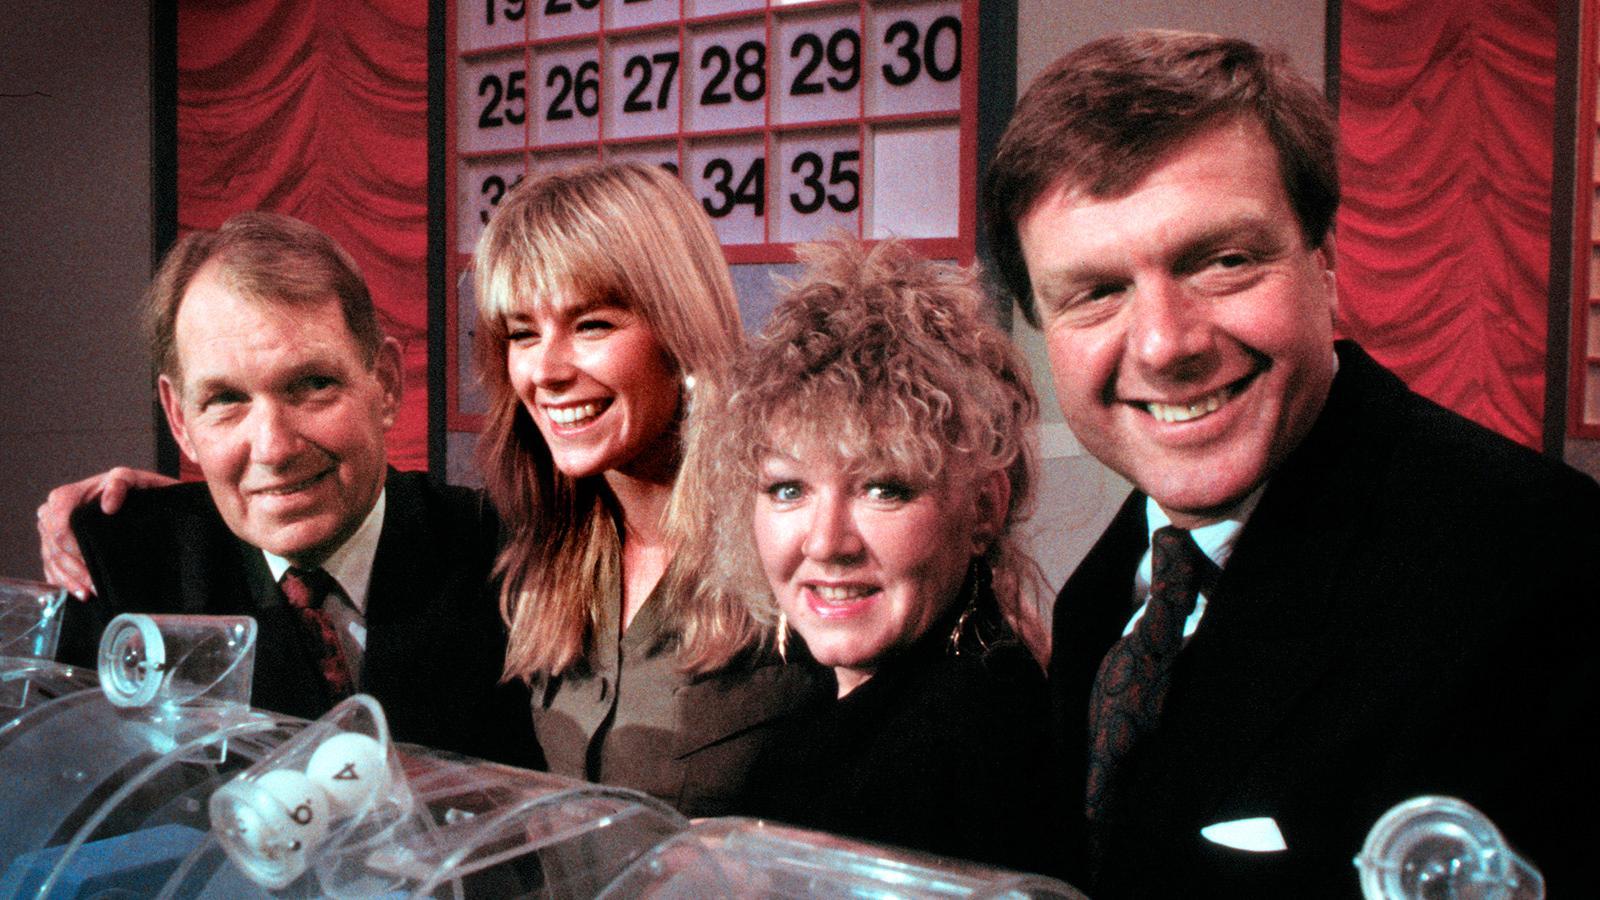 """Programledarna för SVT-programmet """"Zick zack"""", från vänseter Bengt Bedrup, Pa Neumüller, Monica Dominique och Tommy Engstrand."""